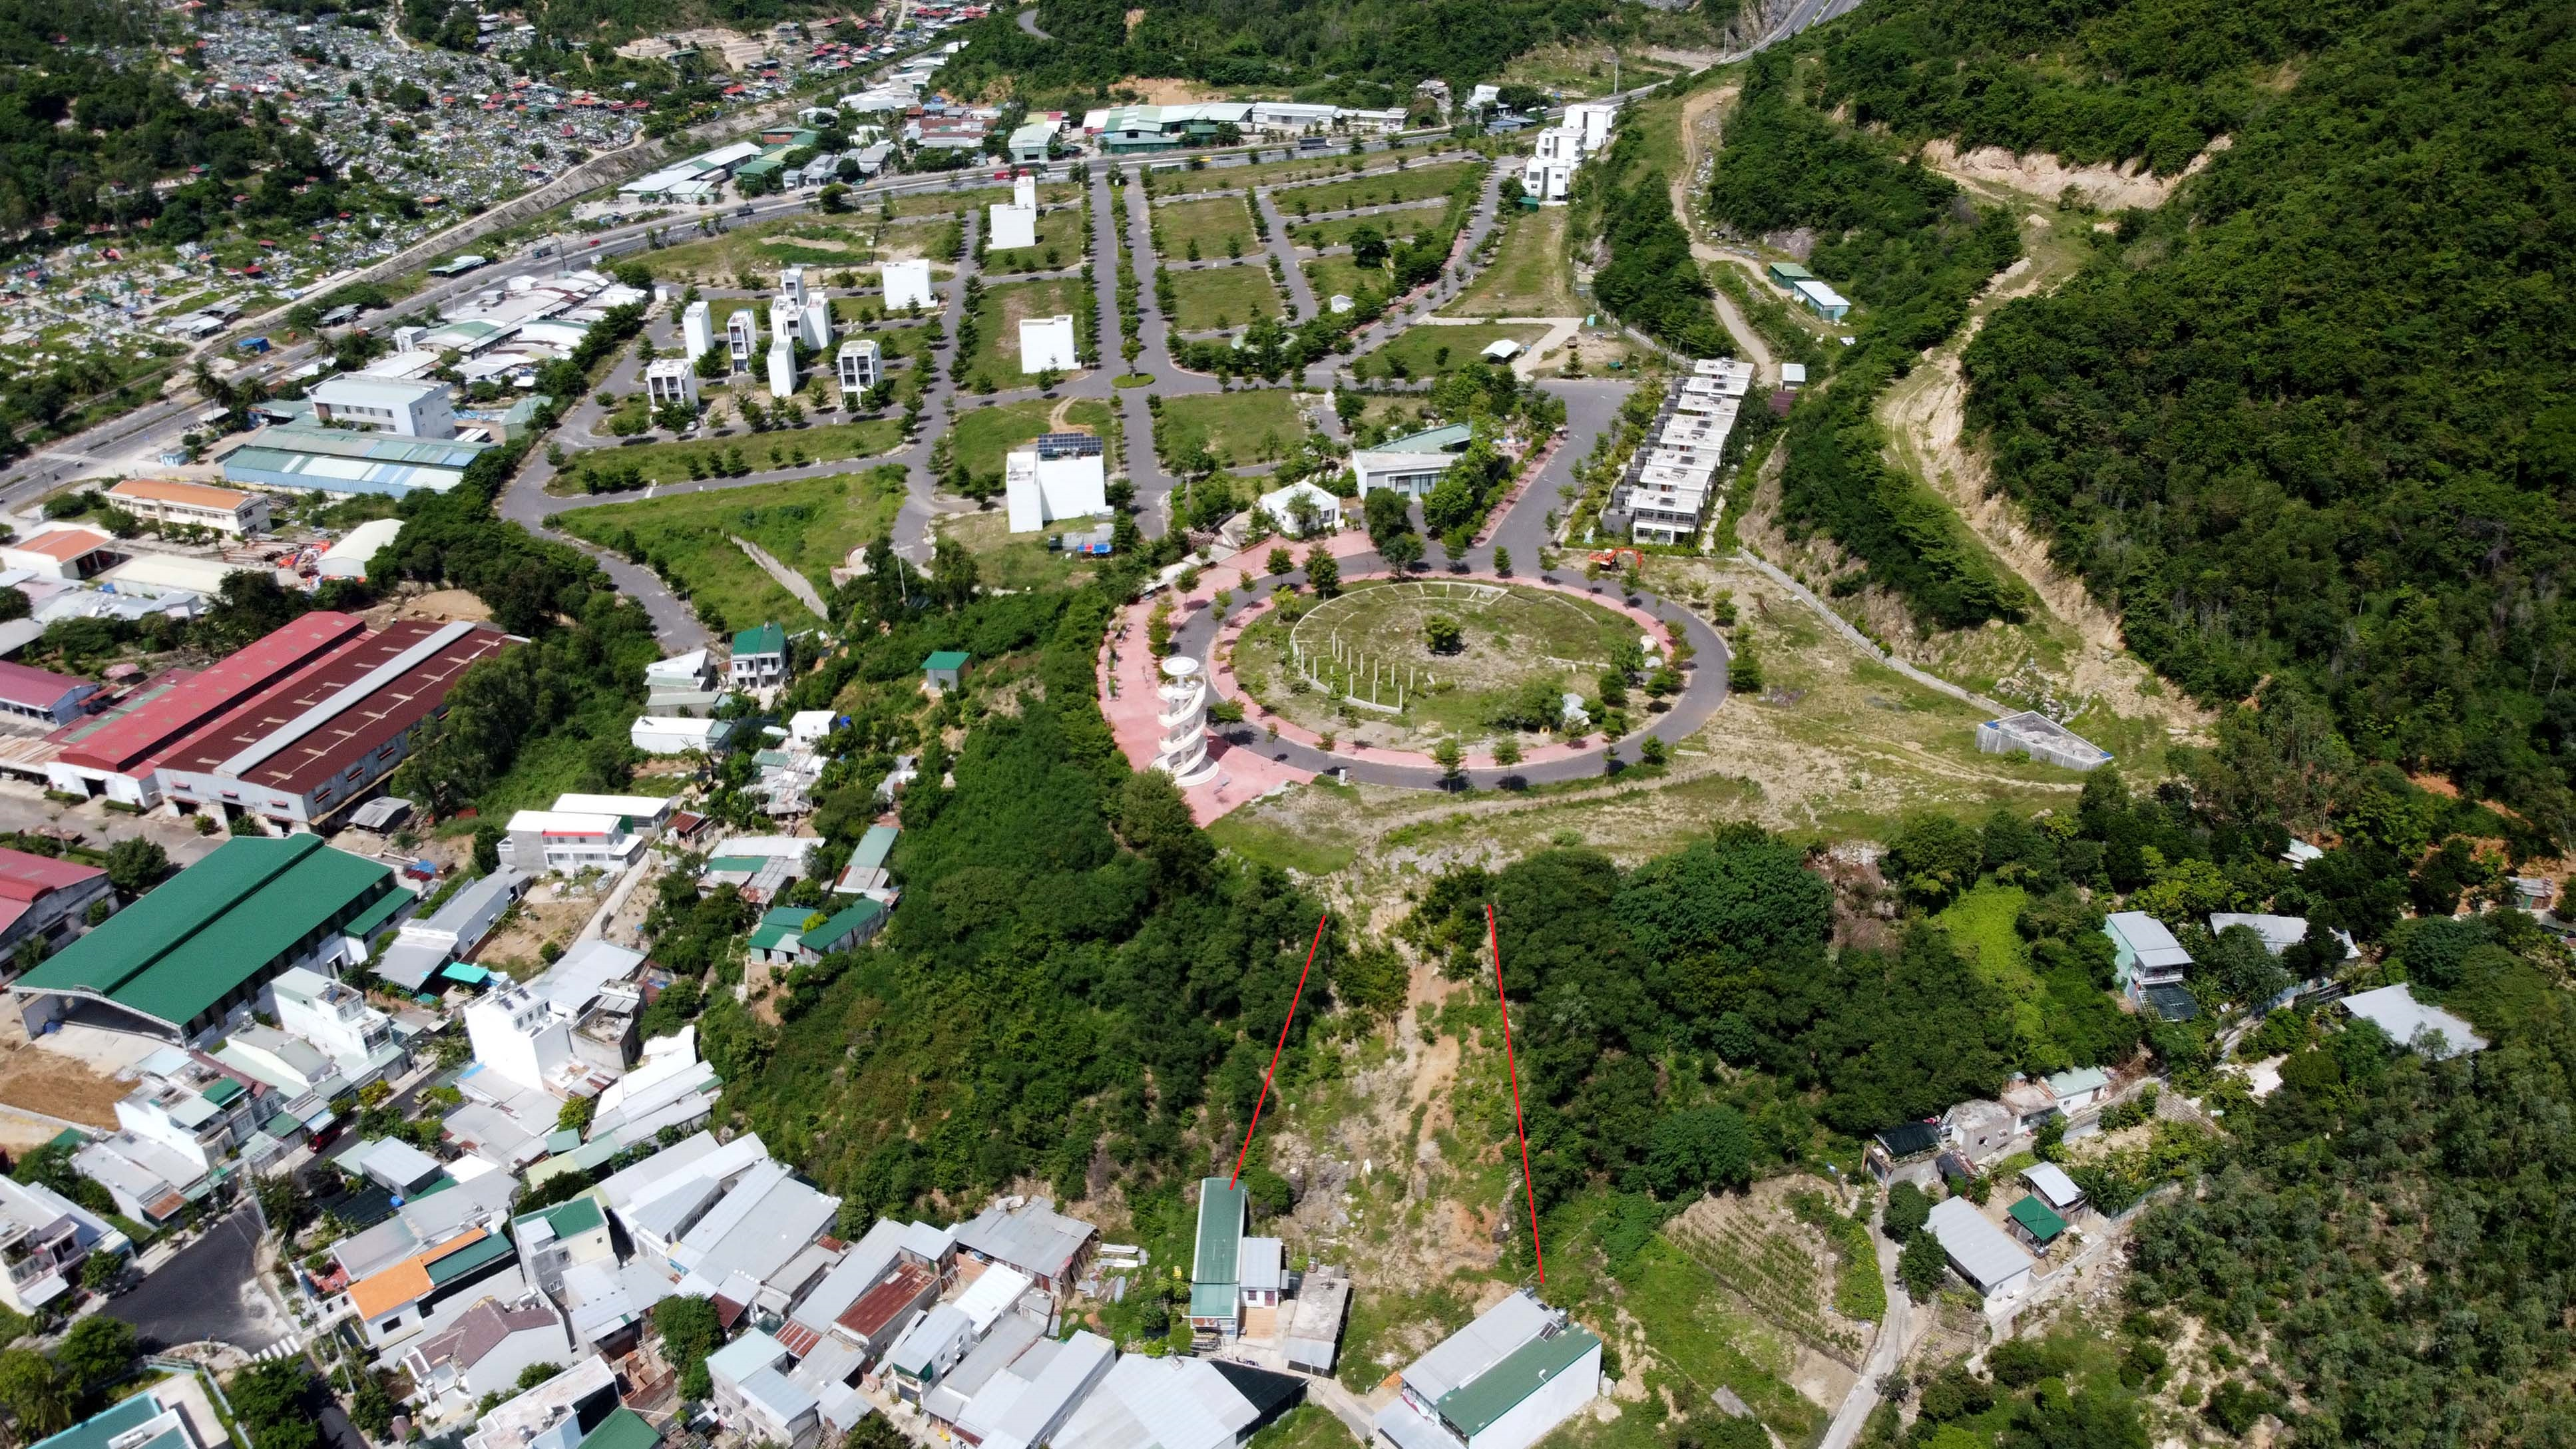 Nha Trang loạt dự án xẻ núi làm biệt thự, khu dân cư - Ảnh 2.